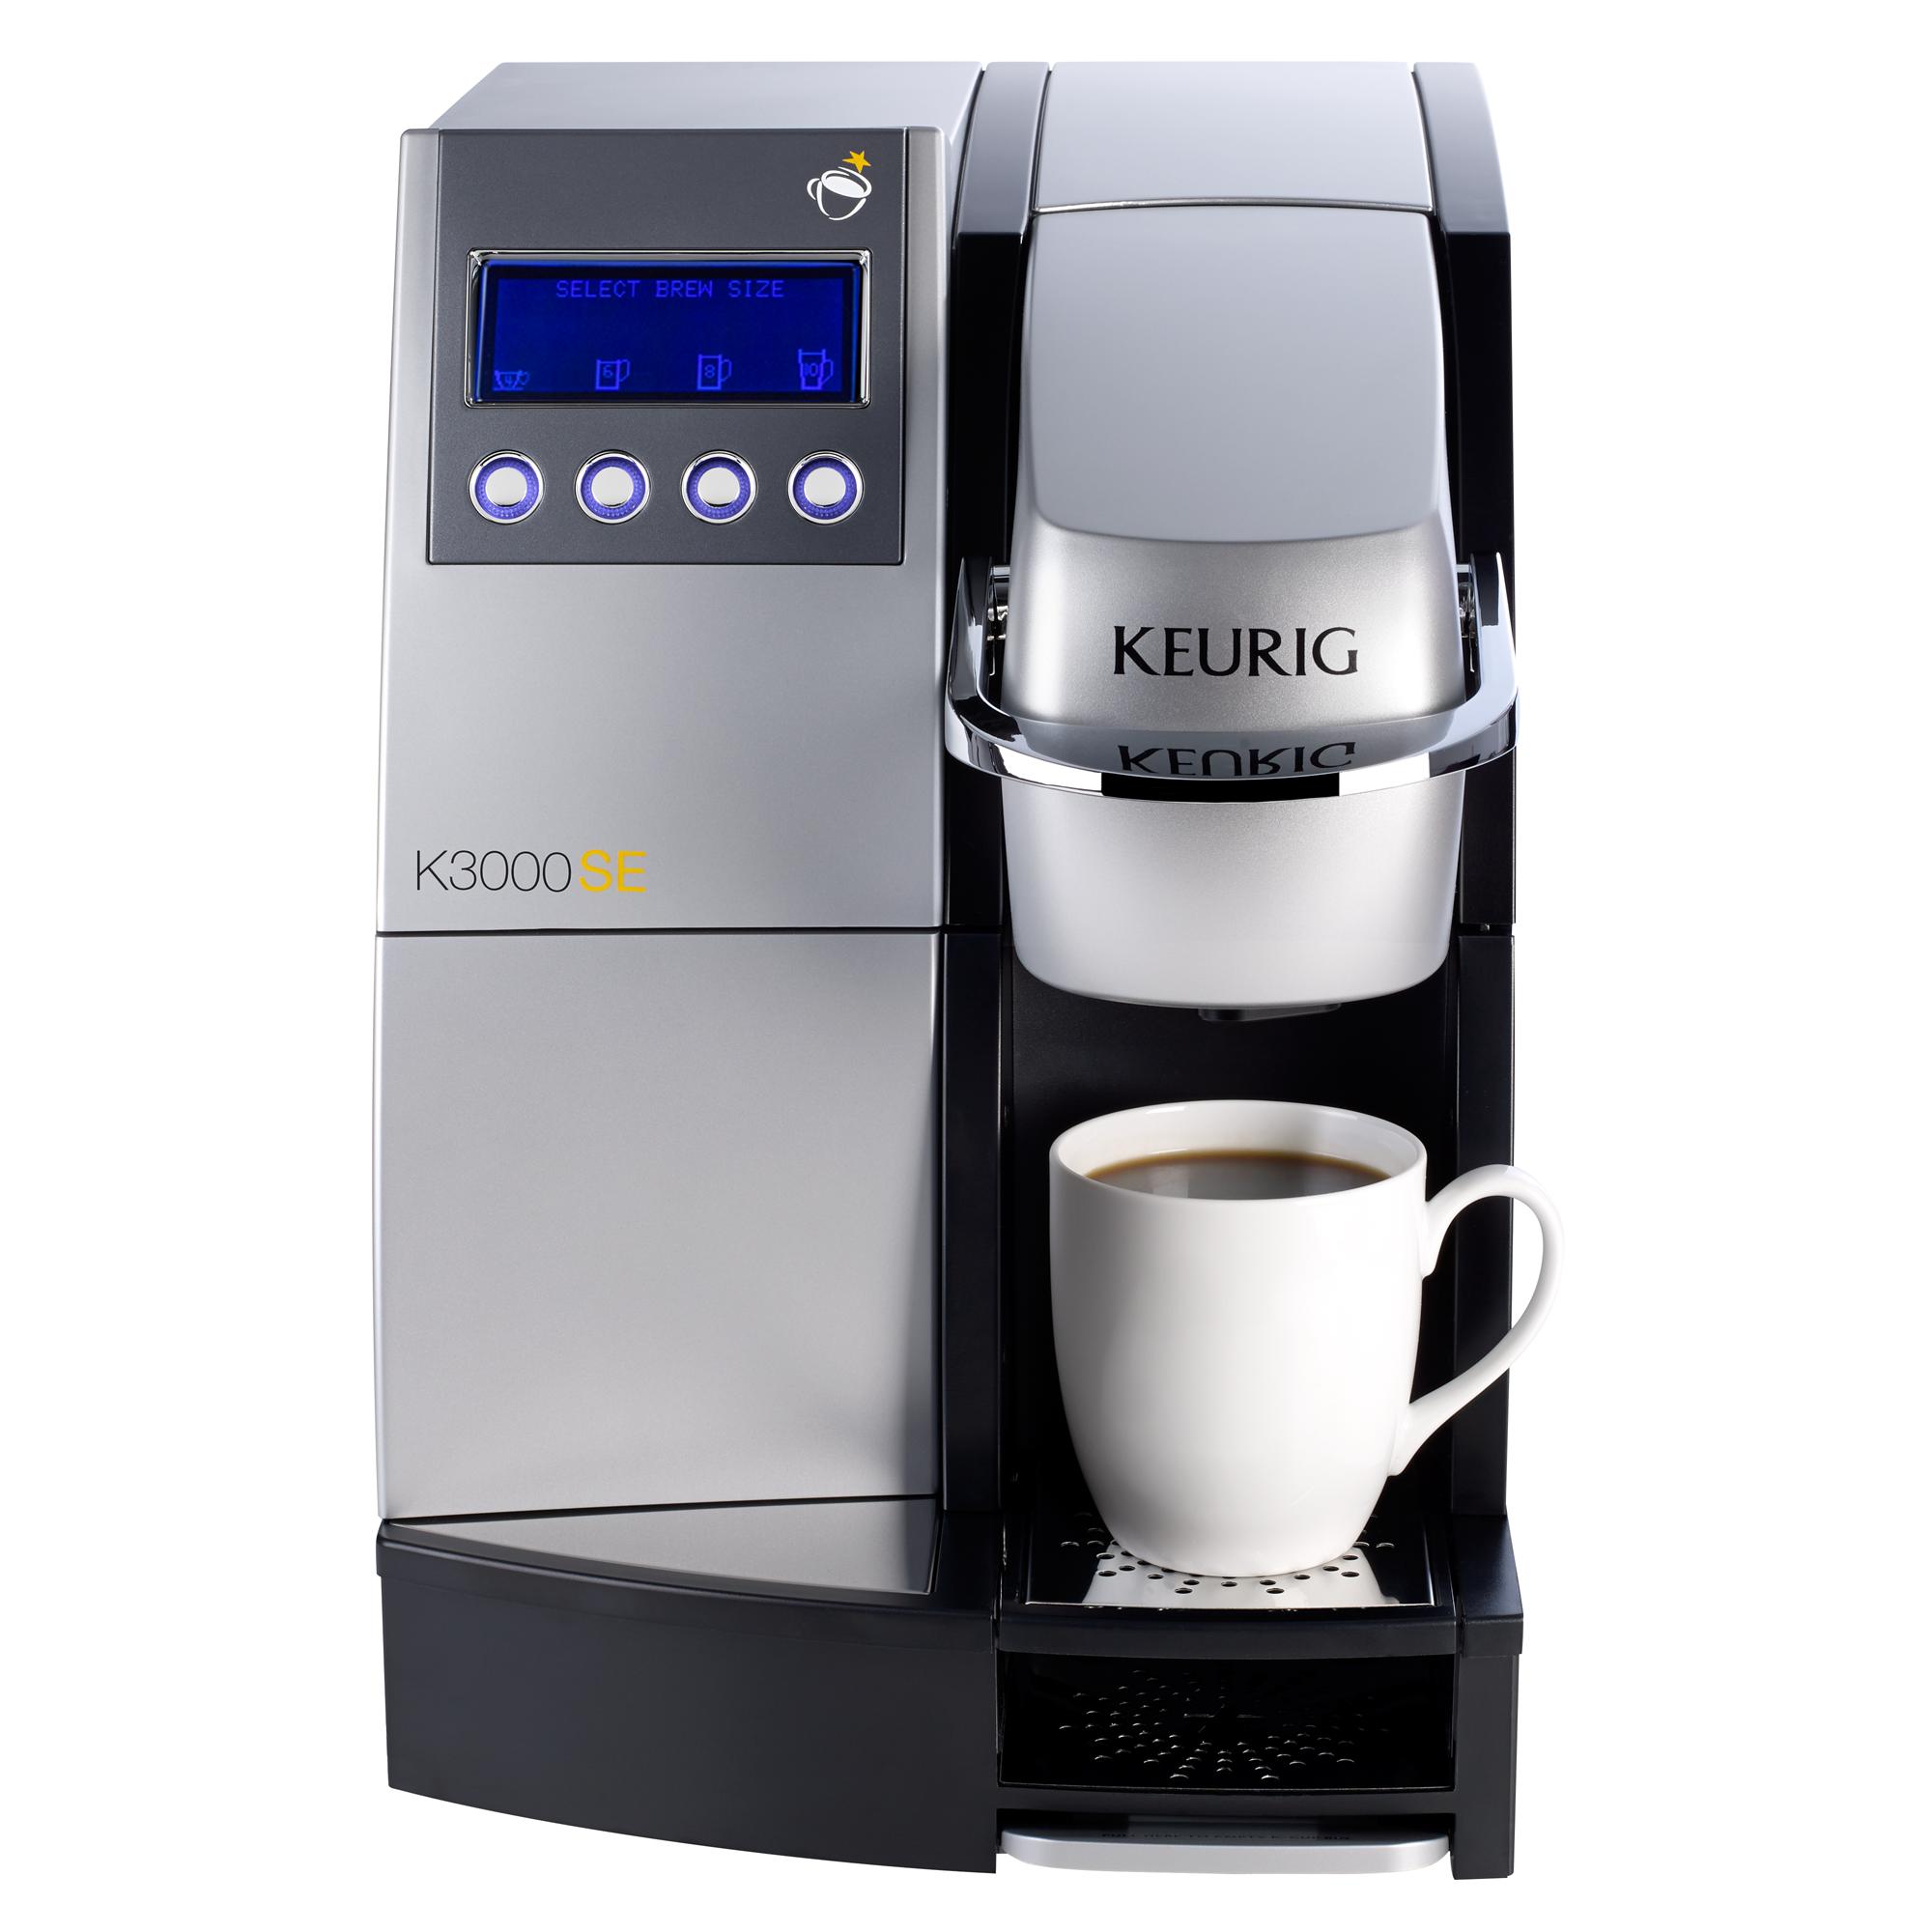 Commercial coffee machines Keurig® K3000SE Keurig